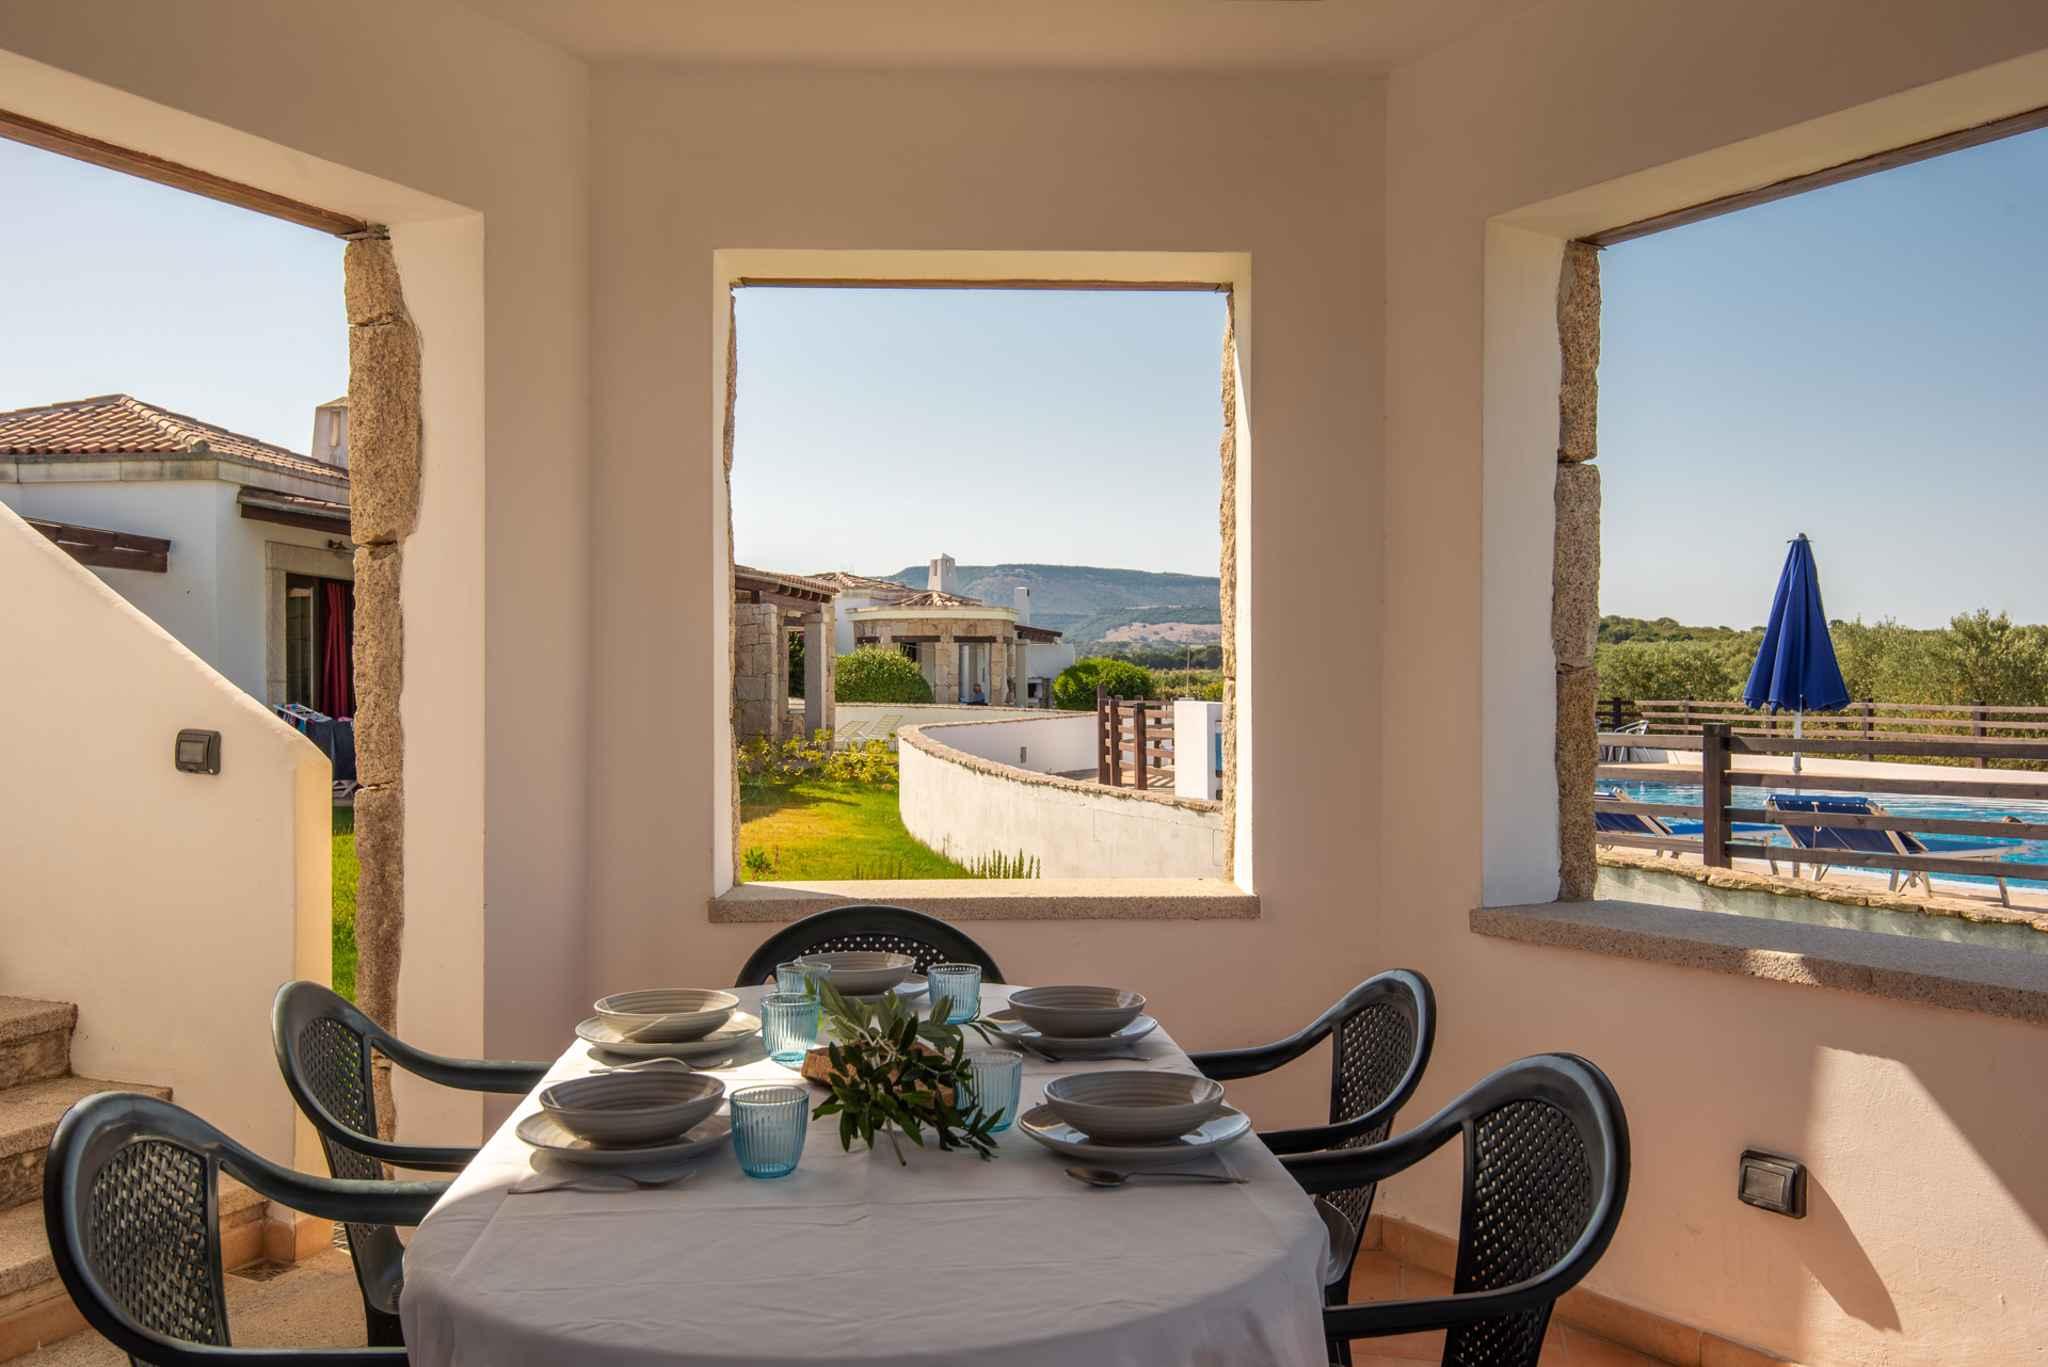 Ferienhaus mit KLimaanlage (2182426), Alghero, Sassari, Sardinien, Italien, Bild 5